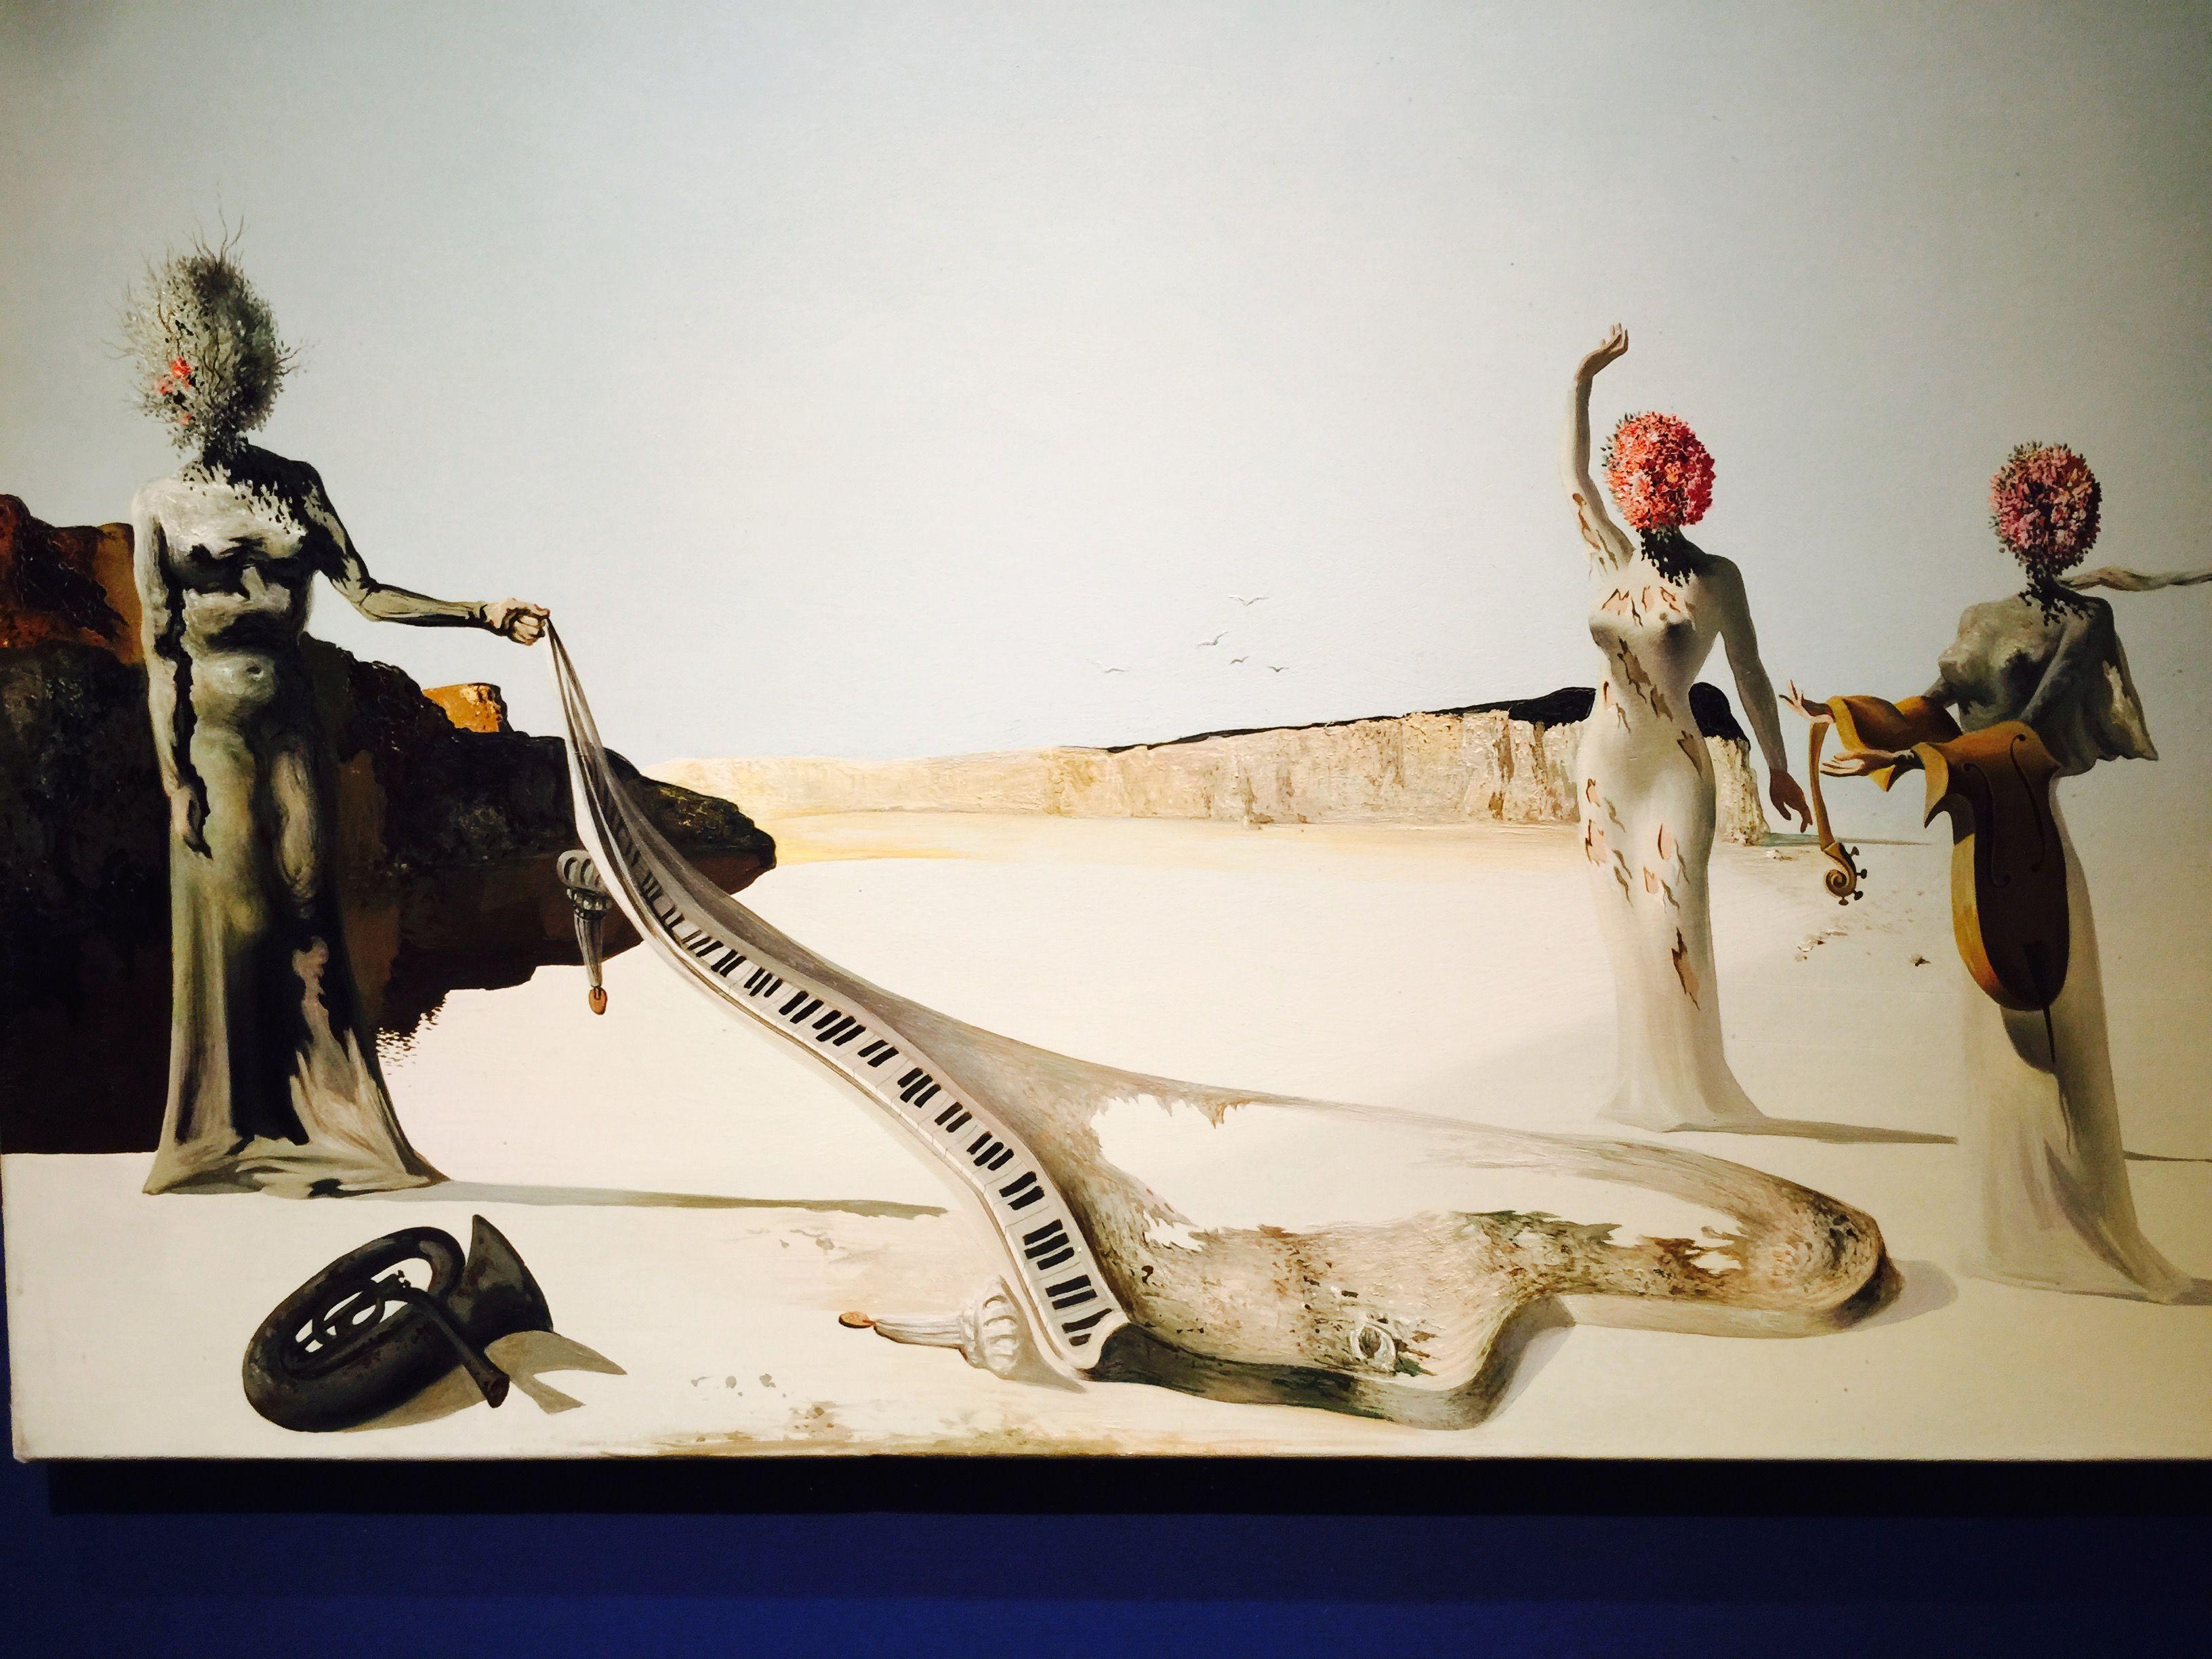 Großartig Dali Werke Ideen Von Find This Pin And More On By